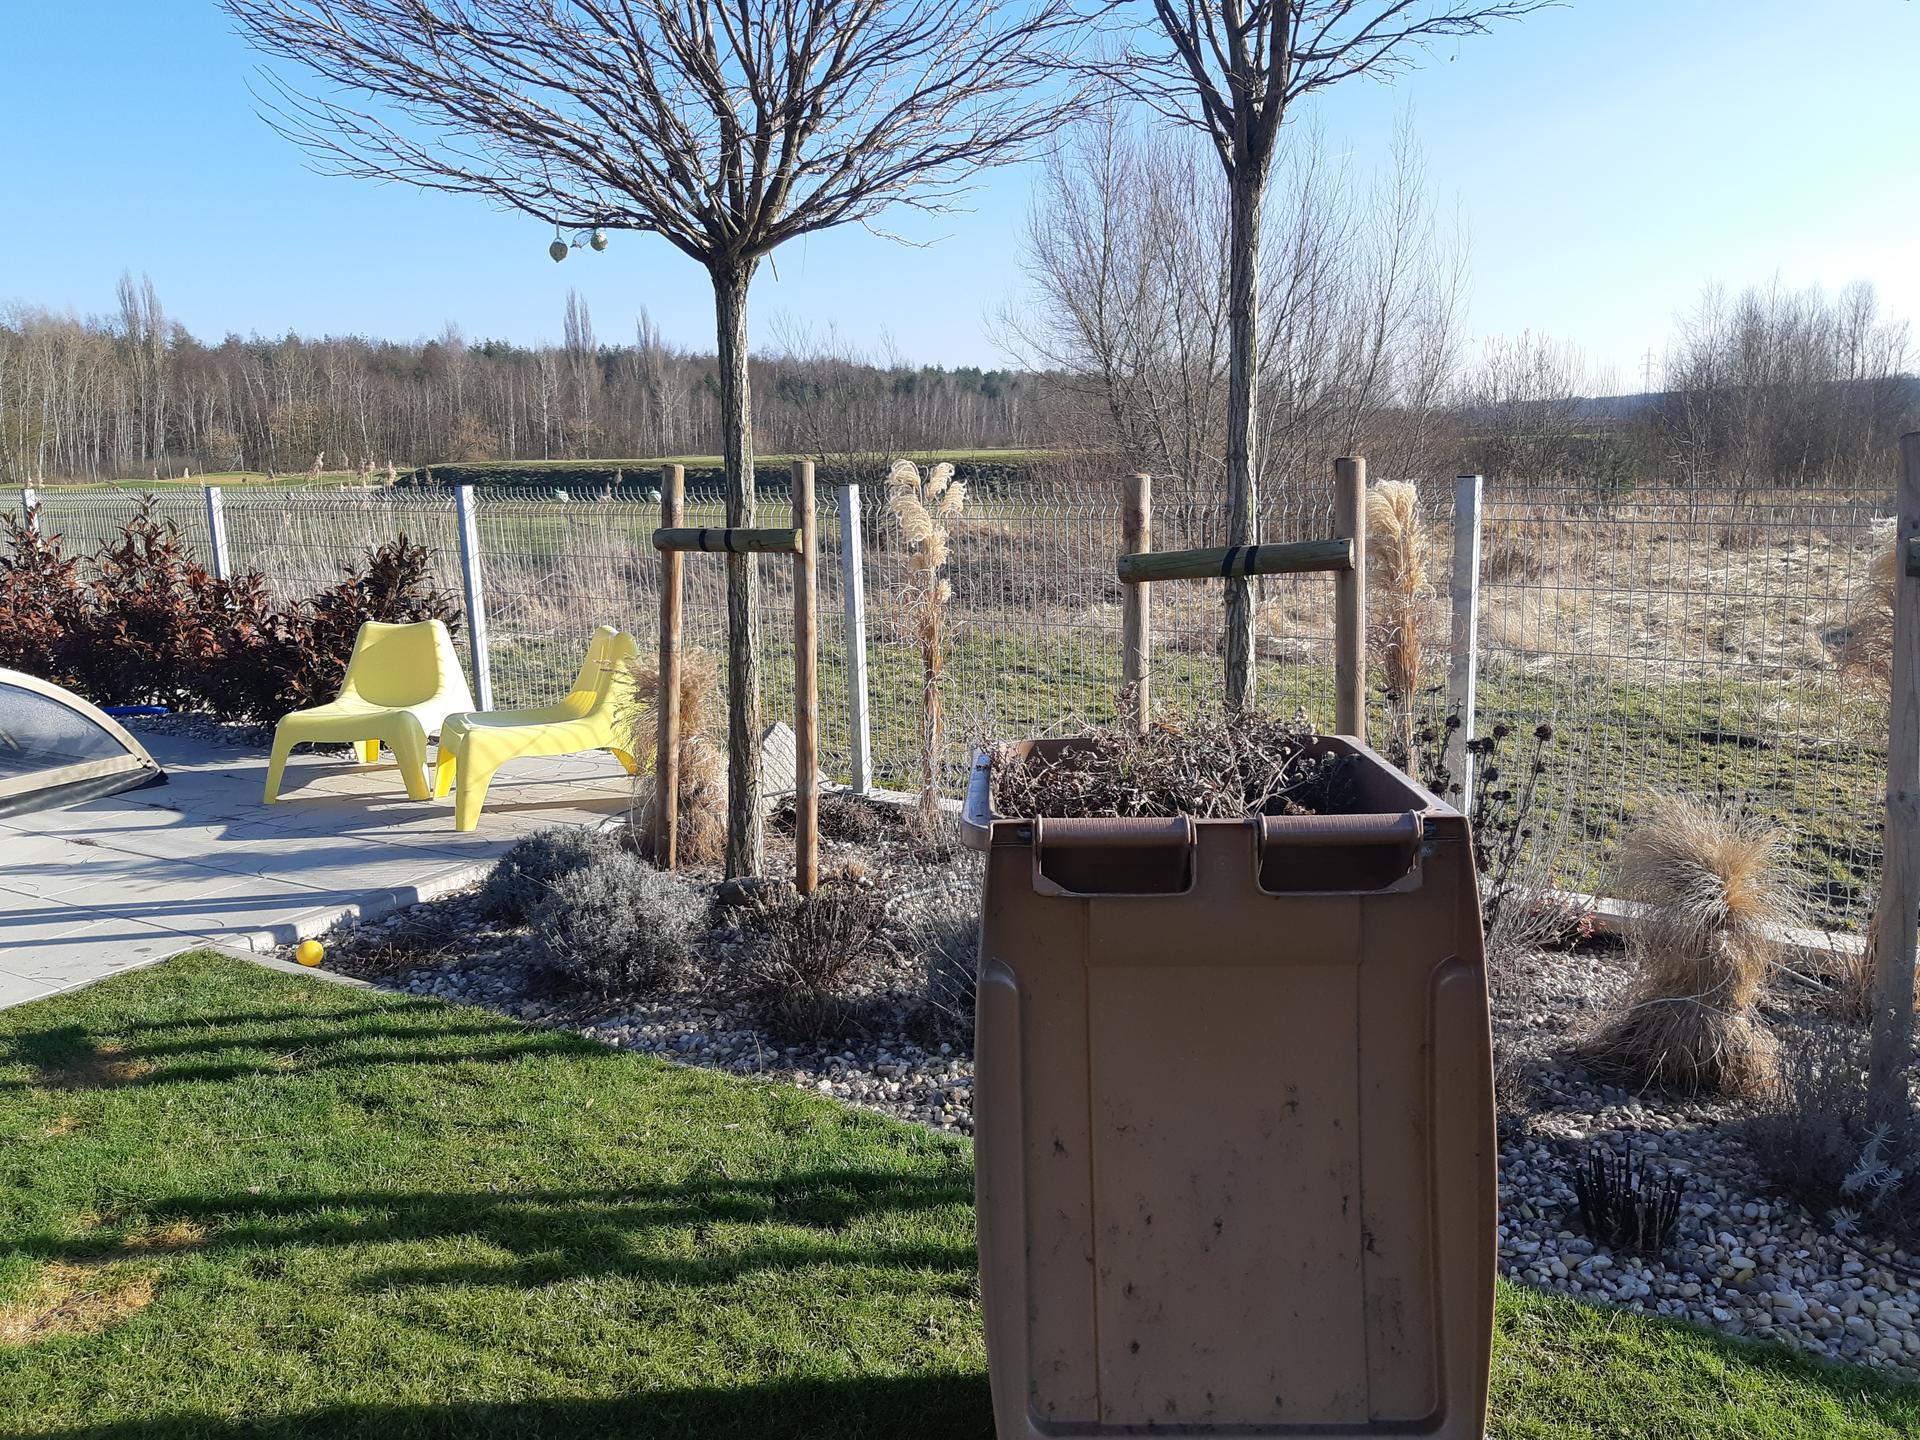 Záhrada - nekonečný príbeh - Striham vsetko suche. Zatial okrem trav a hortenzii.